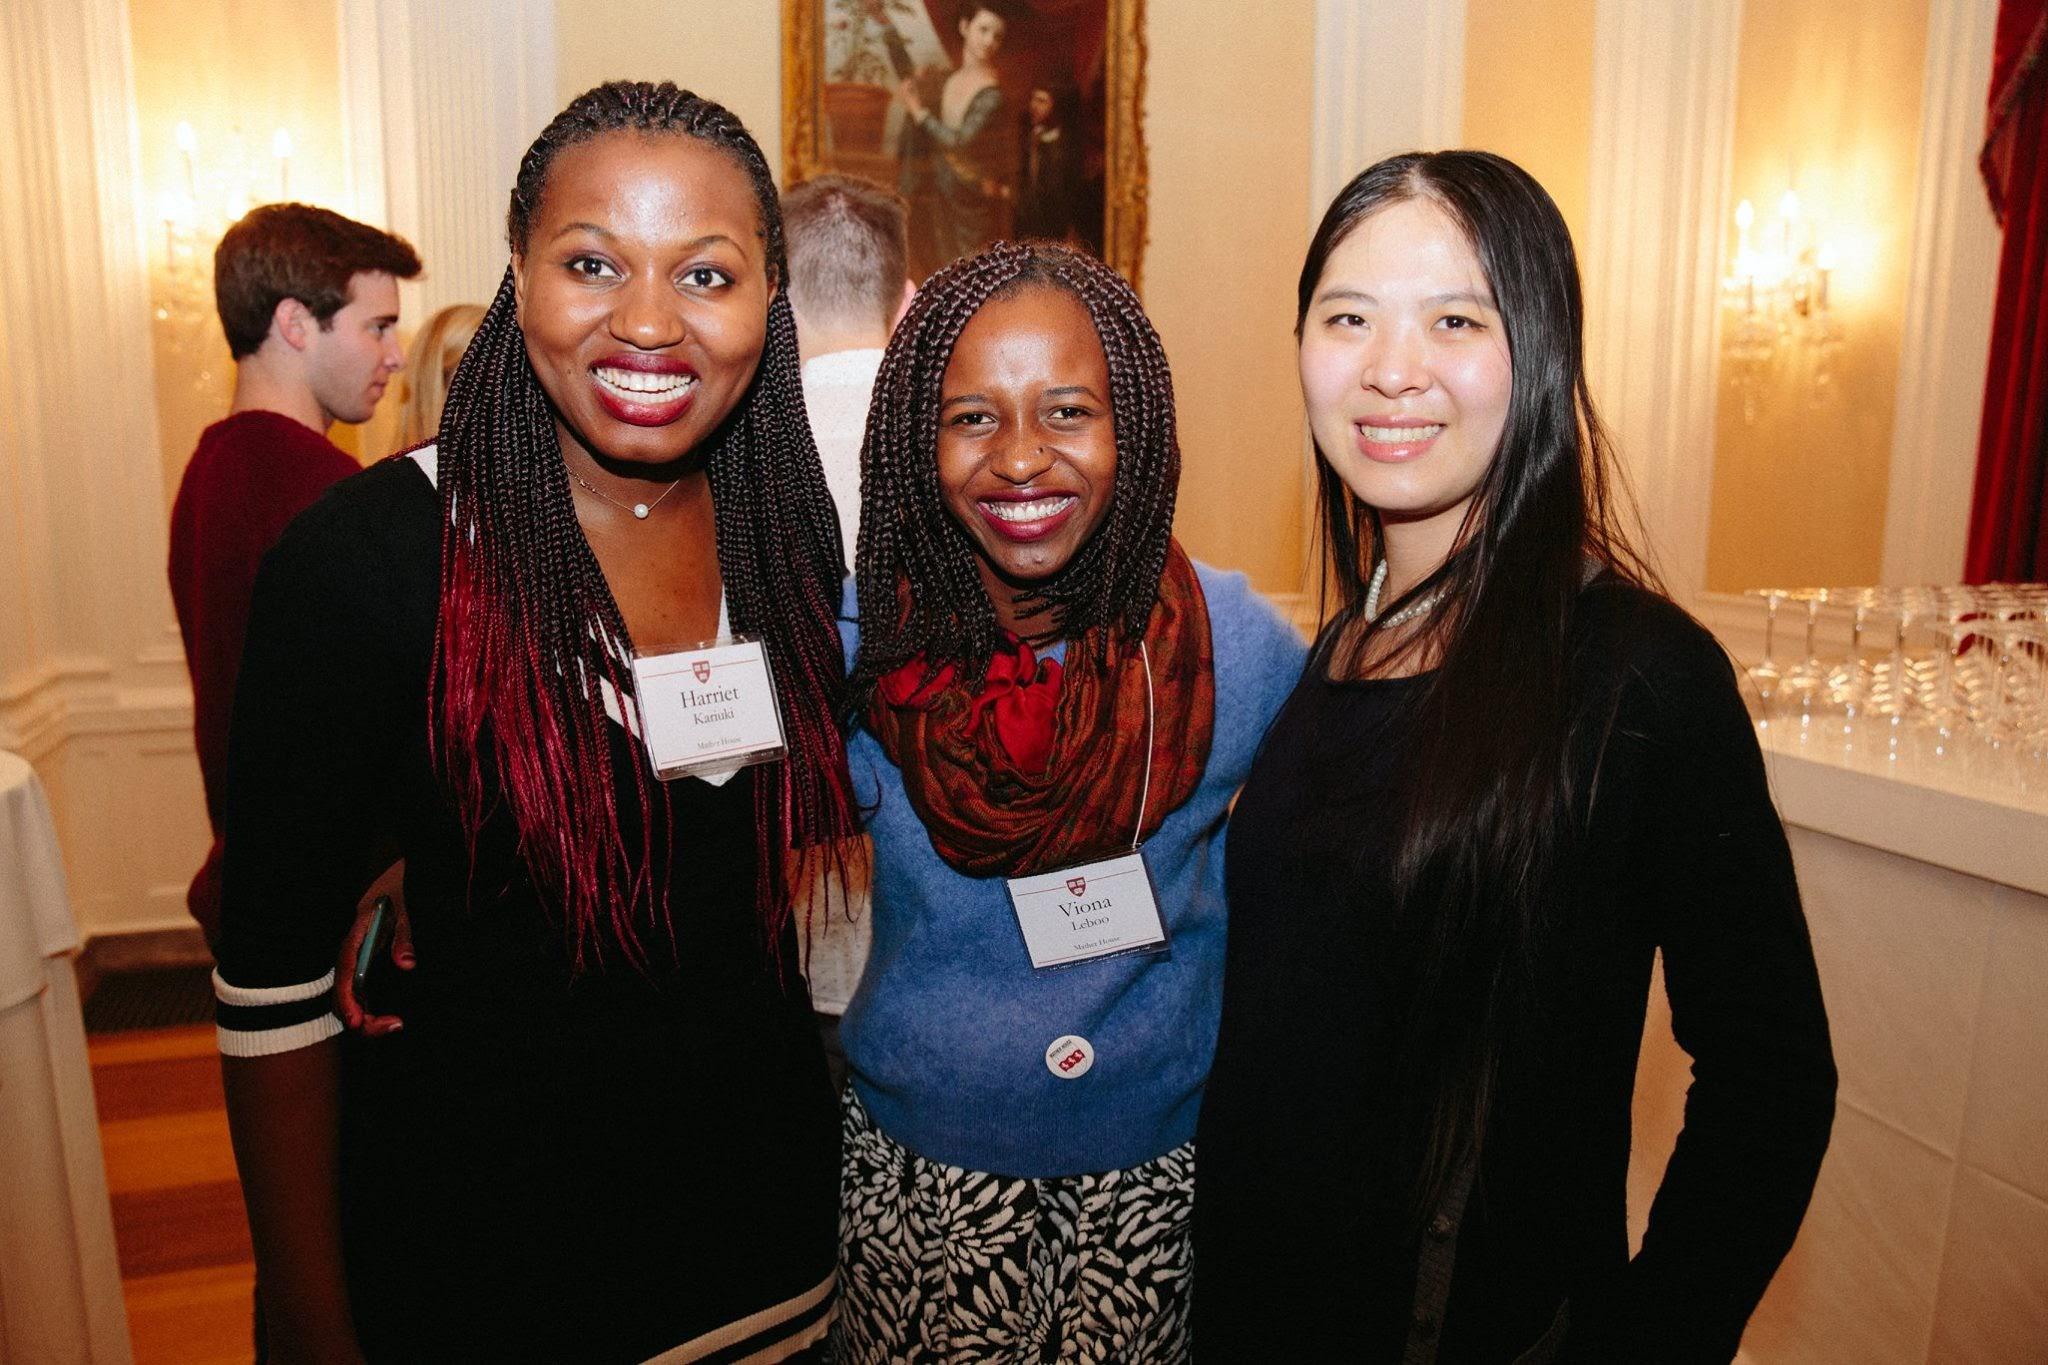 Reception at Harvard University